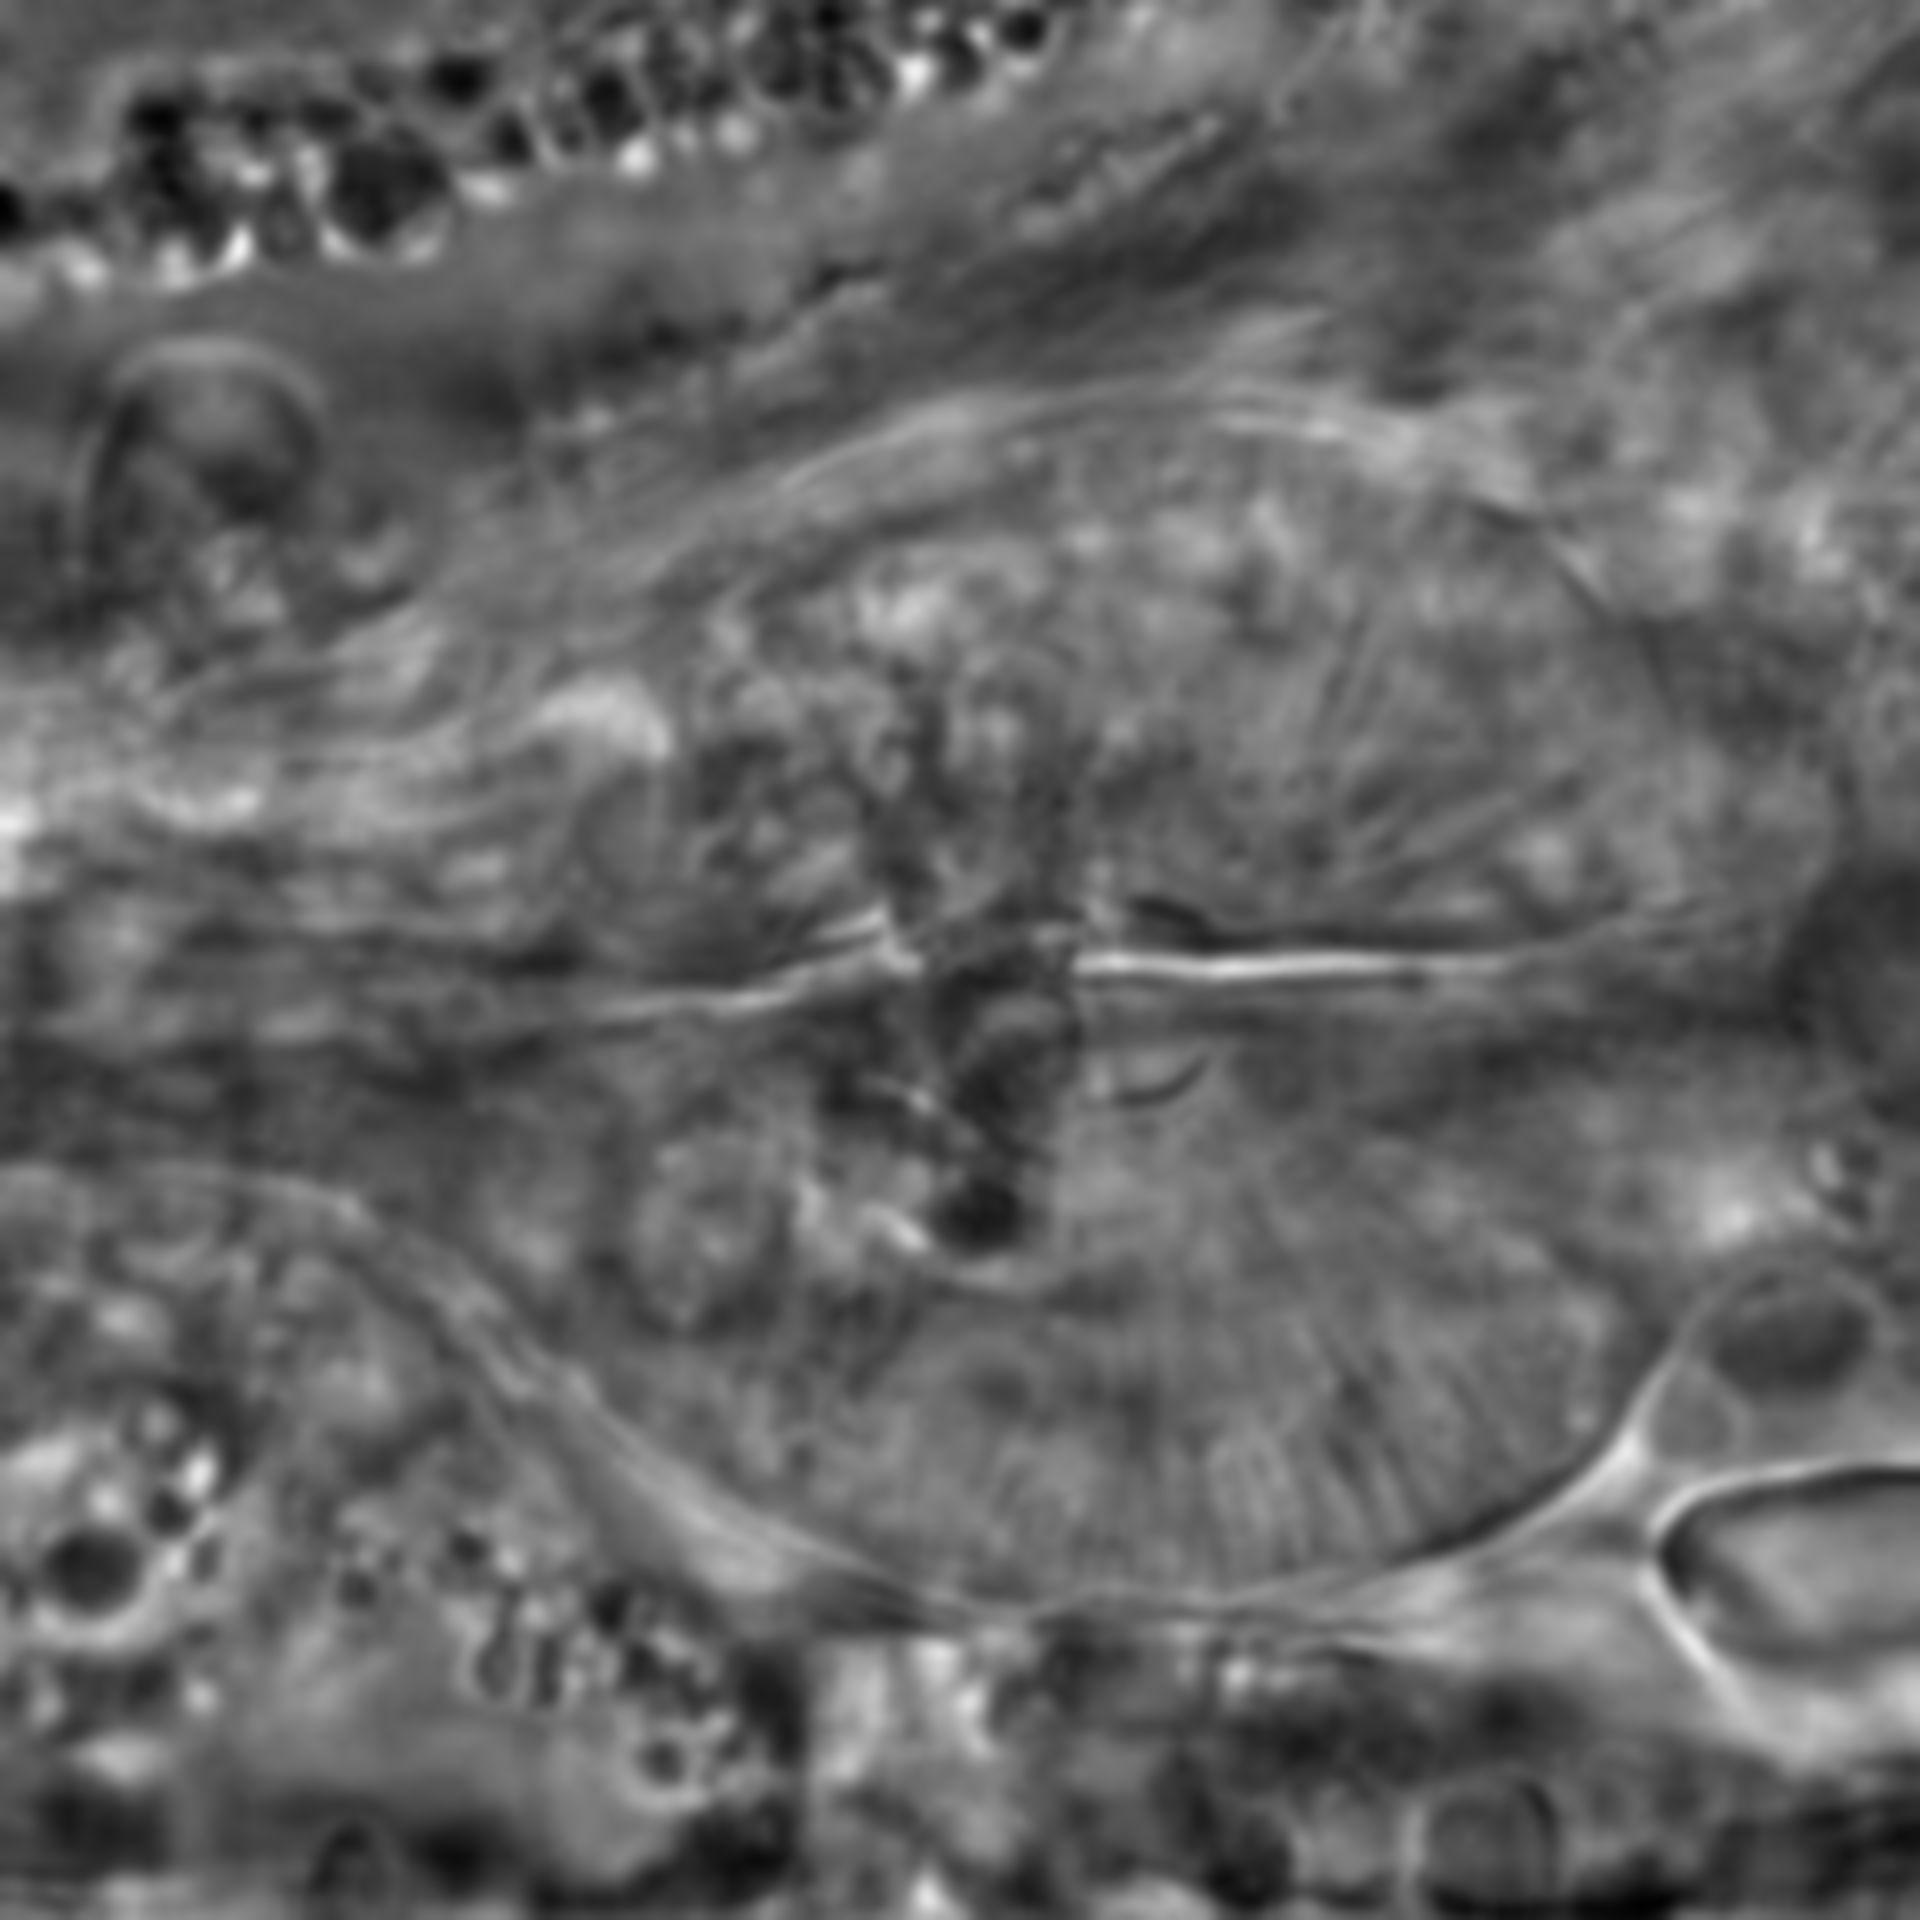 Caenorhabditis elegans - CIL:2054